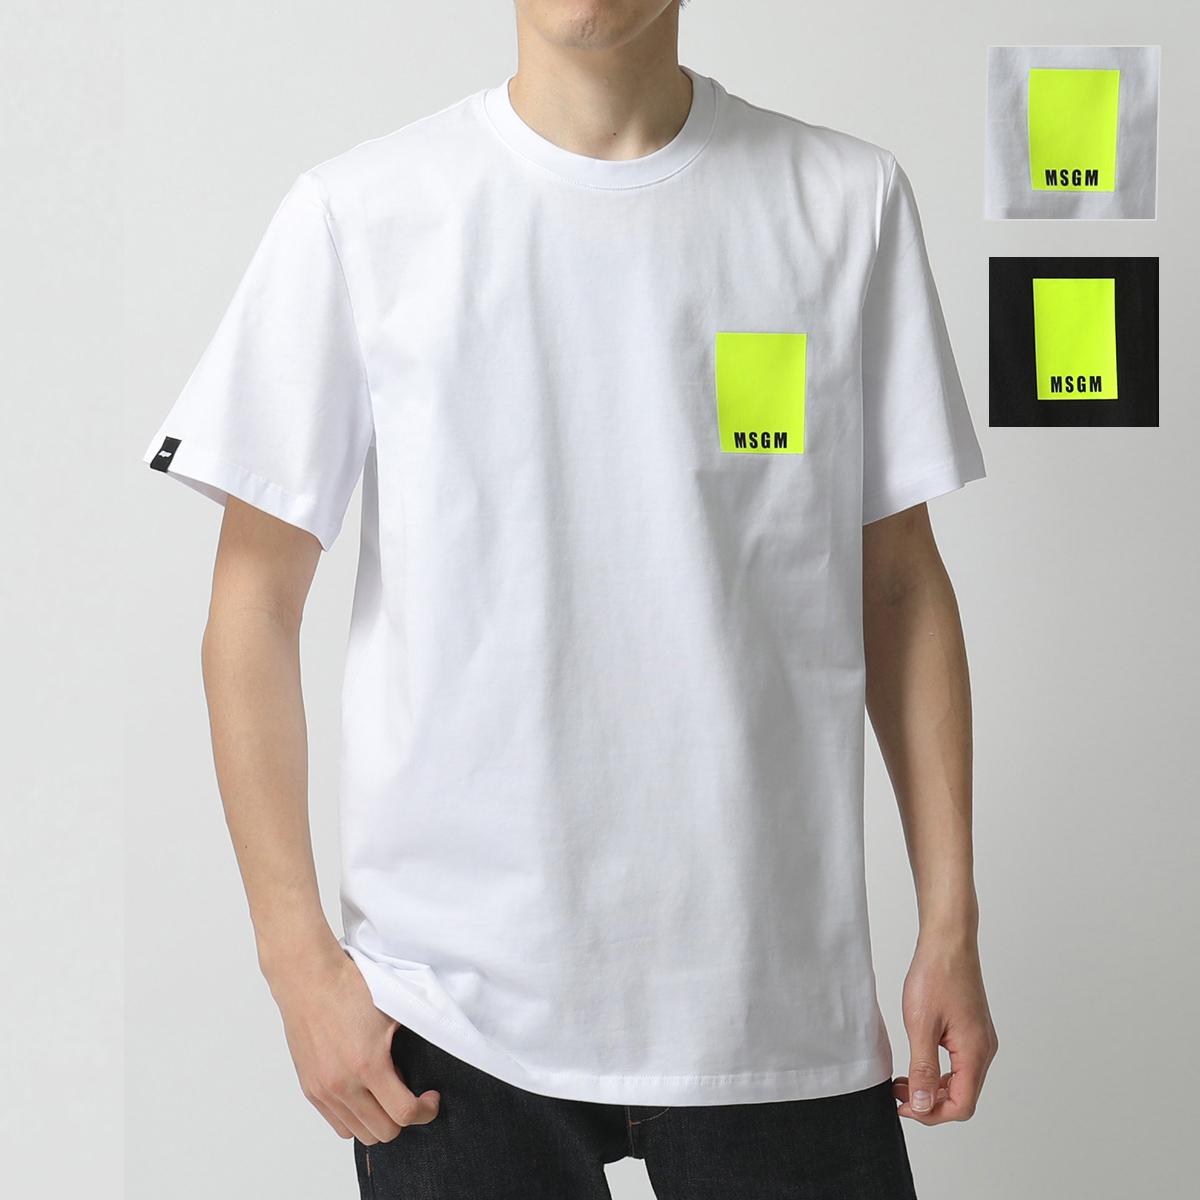 MSGM エムエスジーエム 2840 MM233 カラー2色 半袖 Tシャツ カットソー クルーネック ちびロゴ メンズ